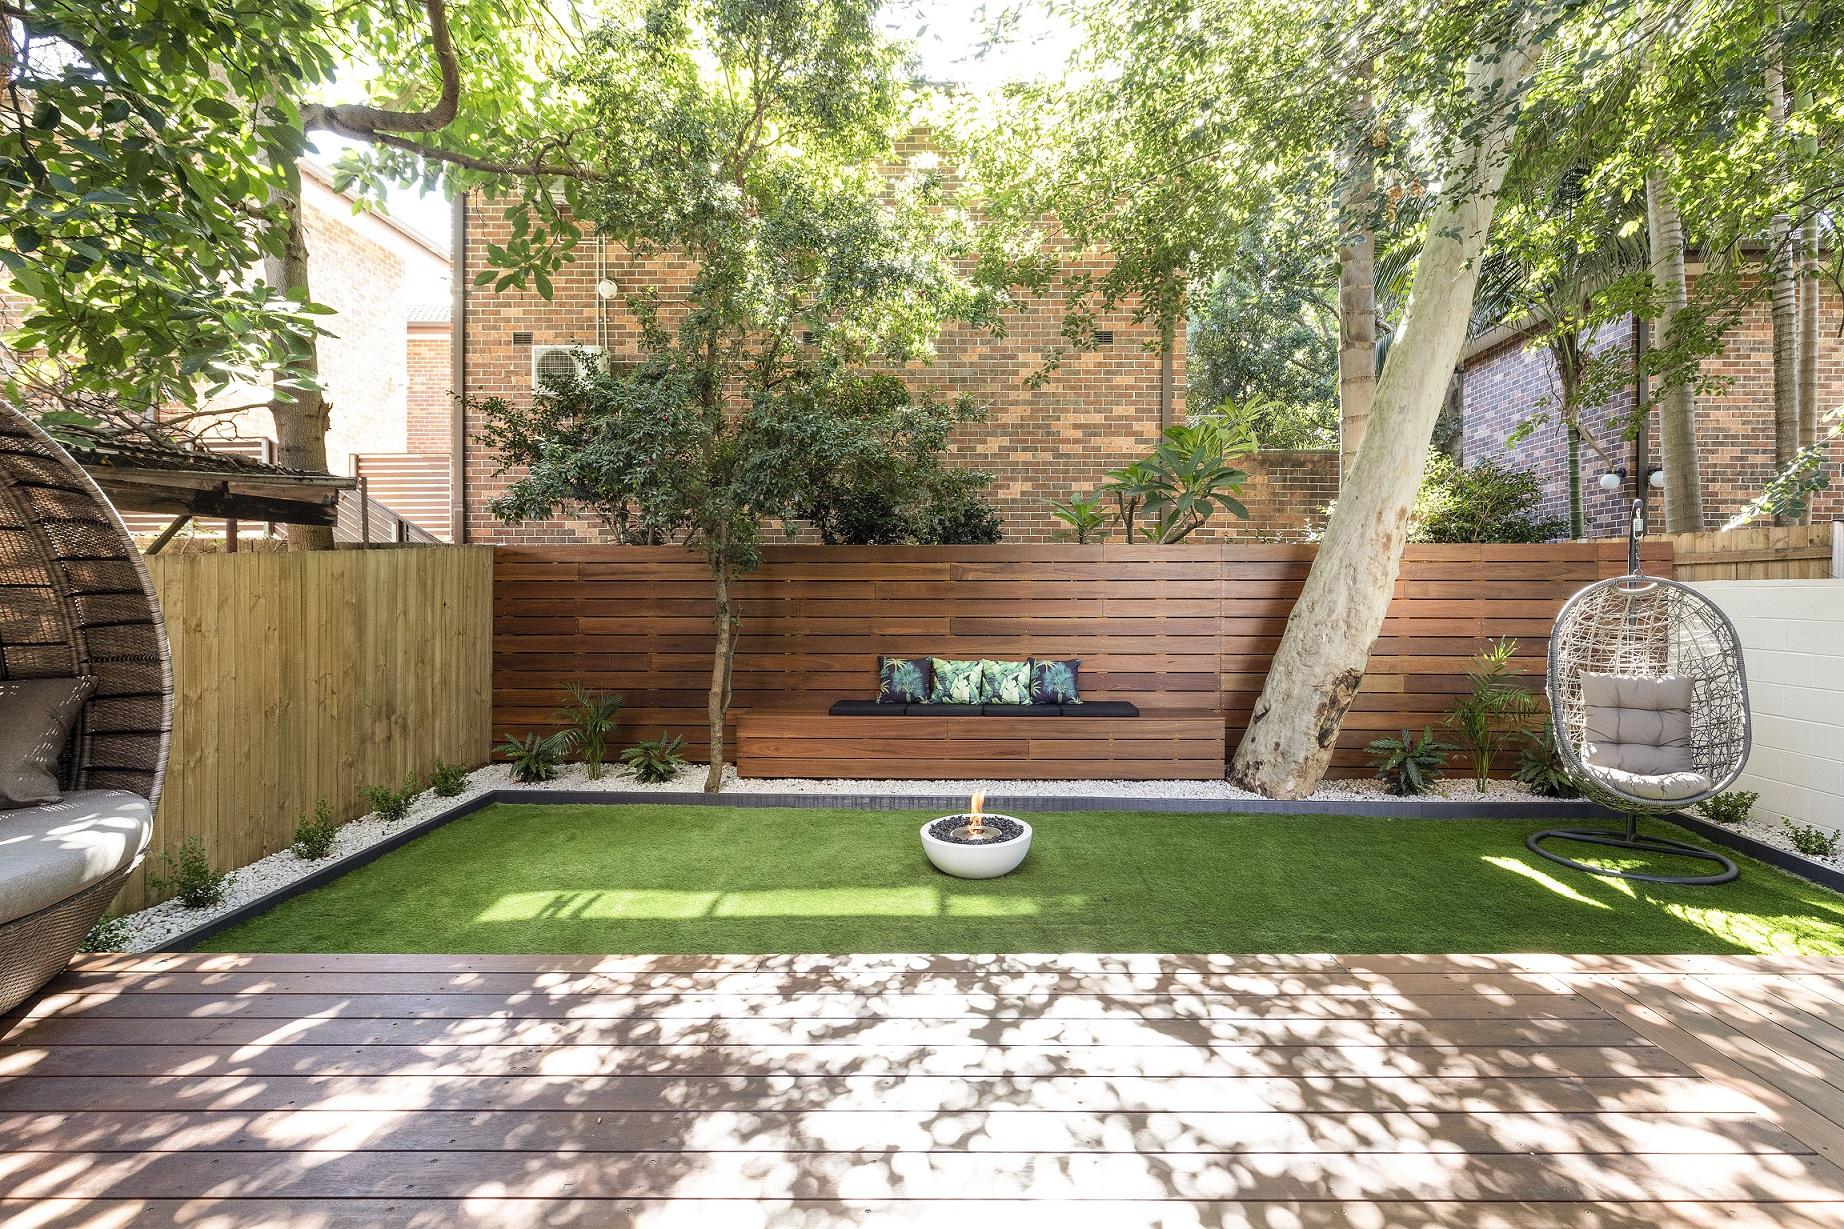 7 trendów w dekoracji ogrodów i tarasów, które będą rządzić w 2021 r.